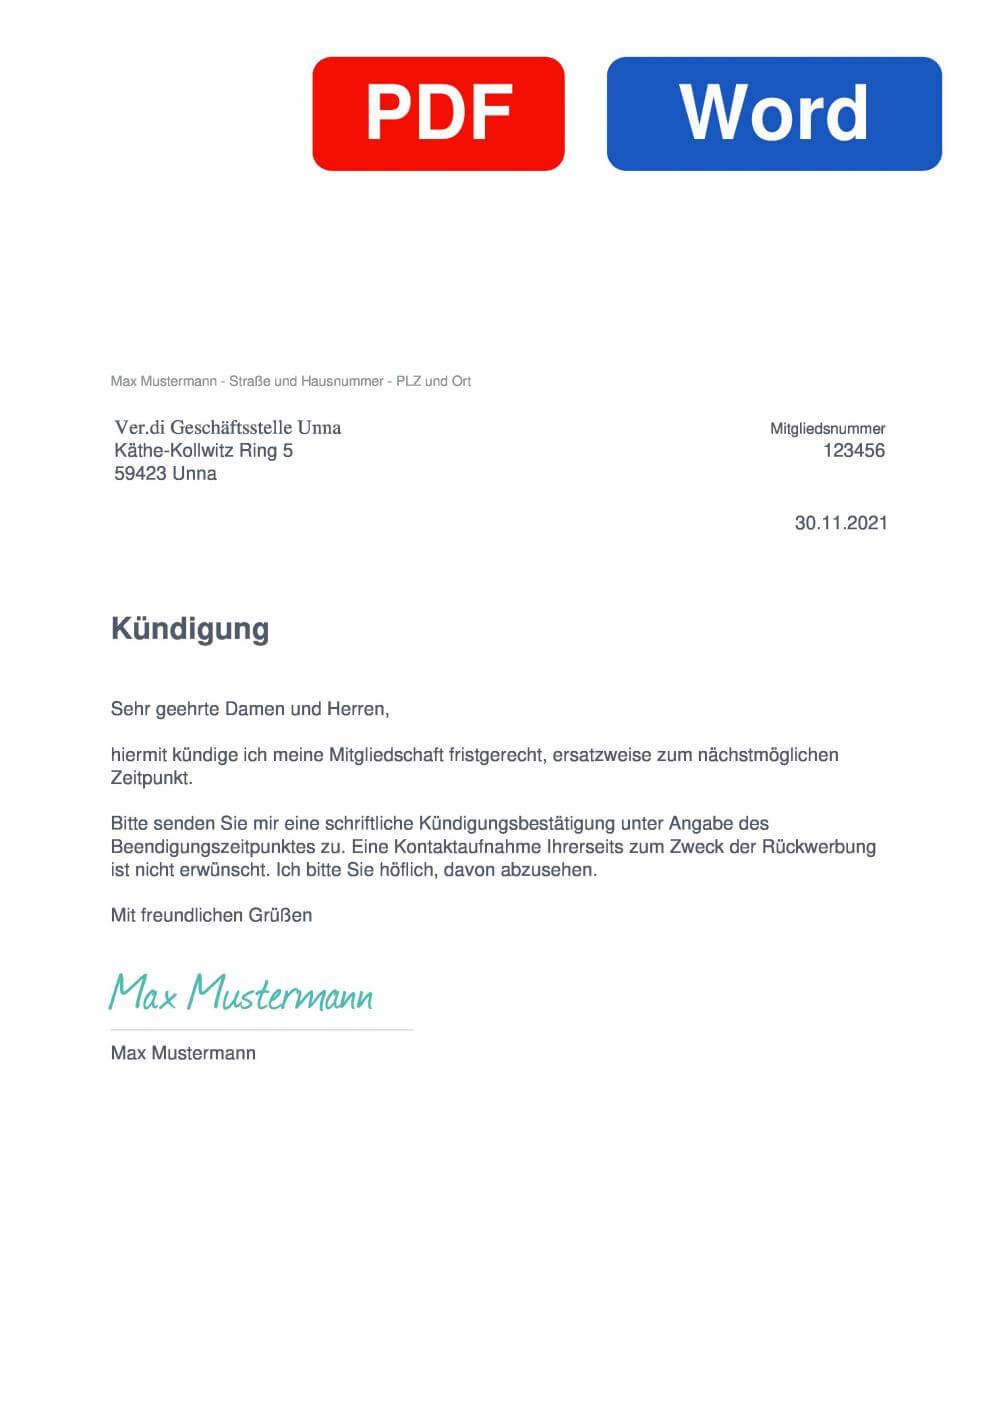 Verdi Unna Muster Vorlage für Kündigungsschreiben